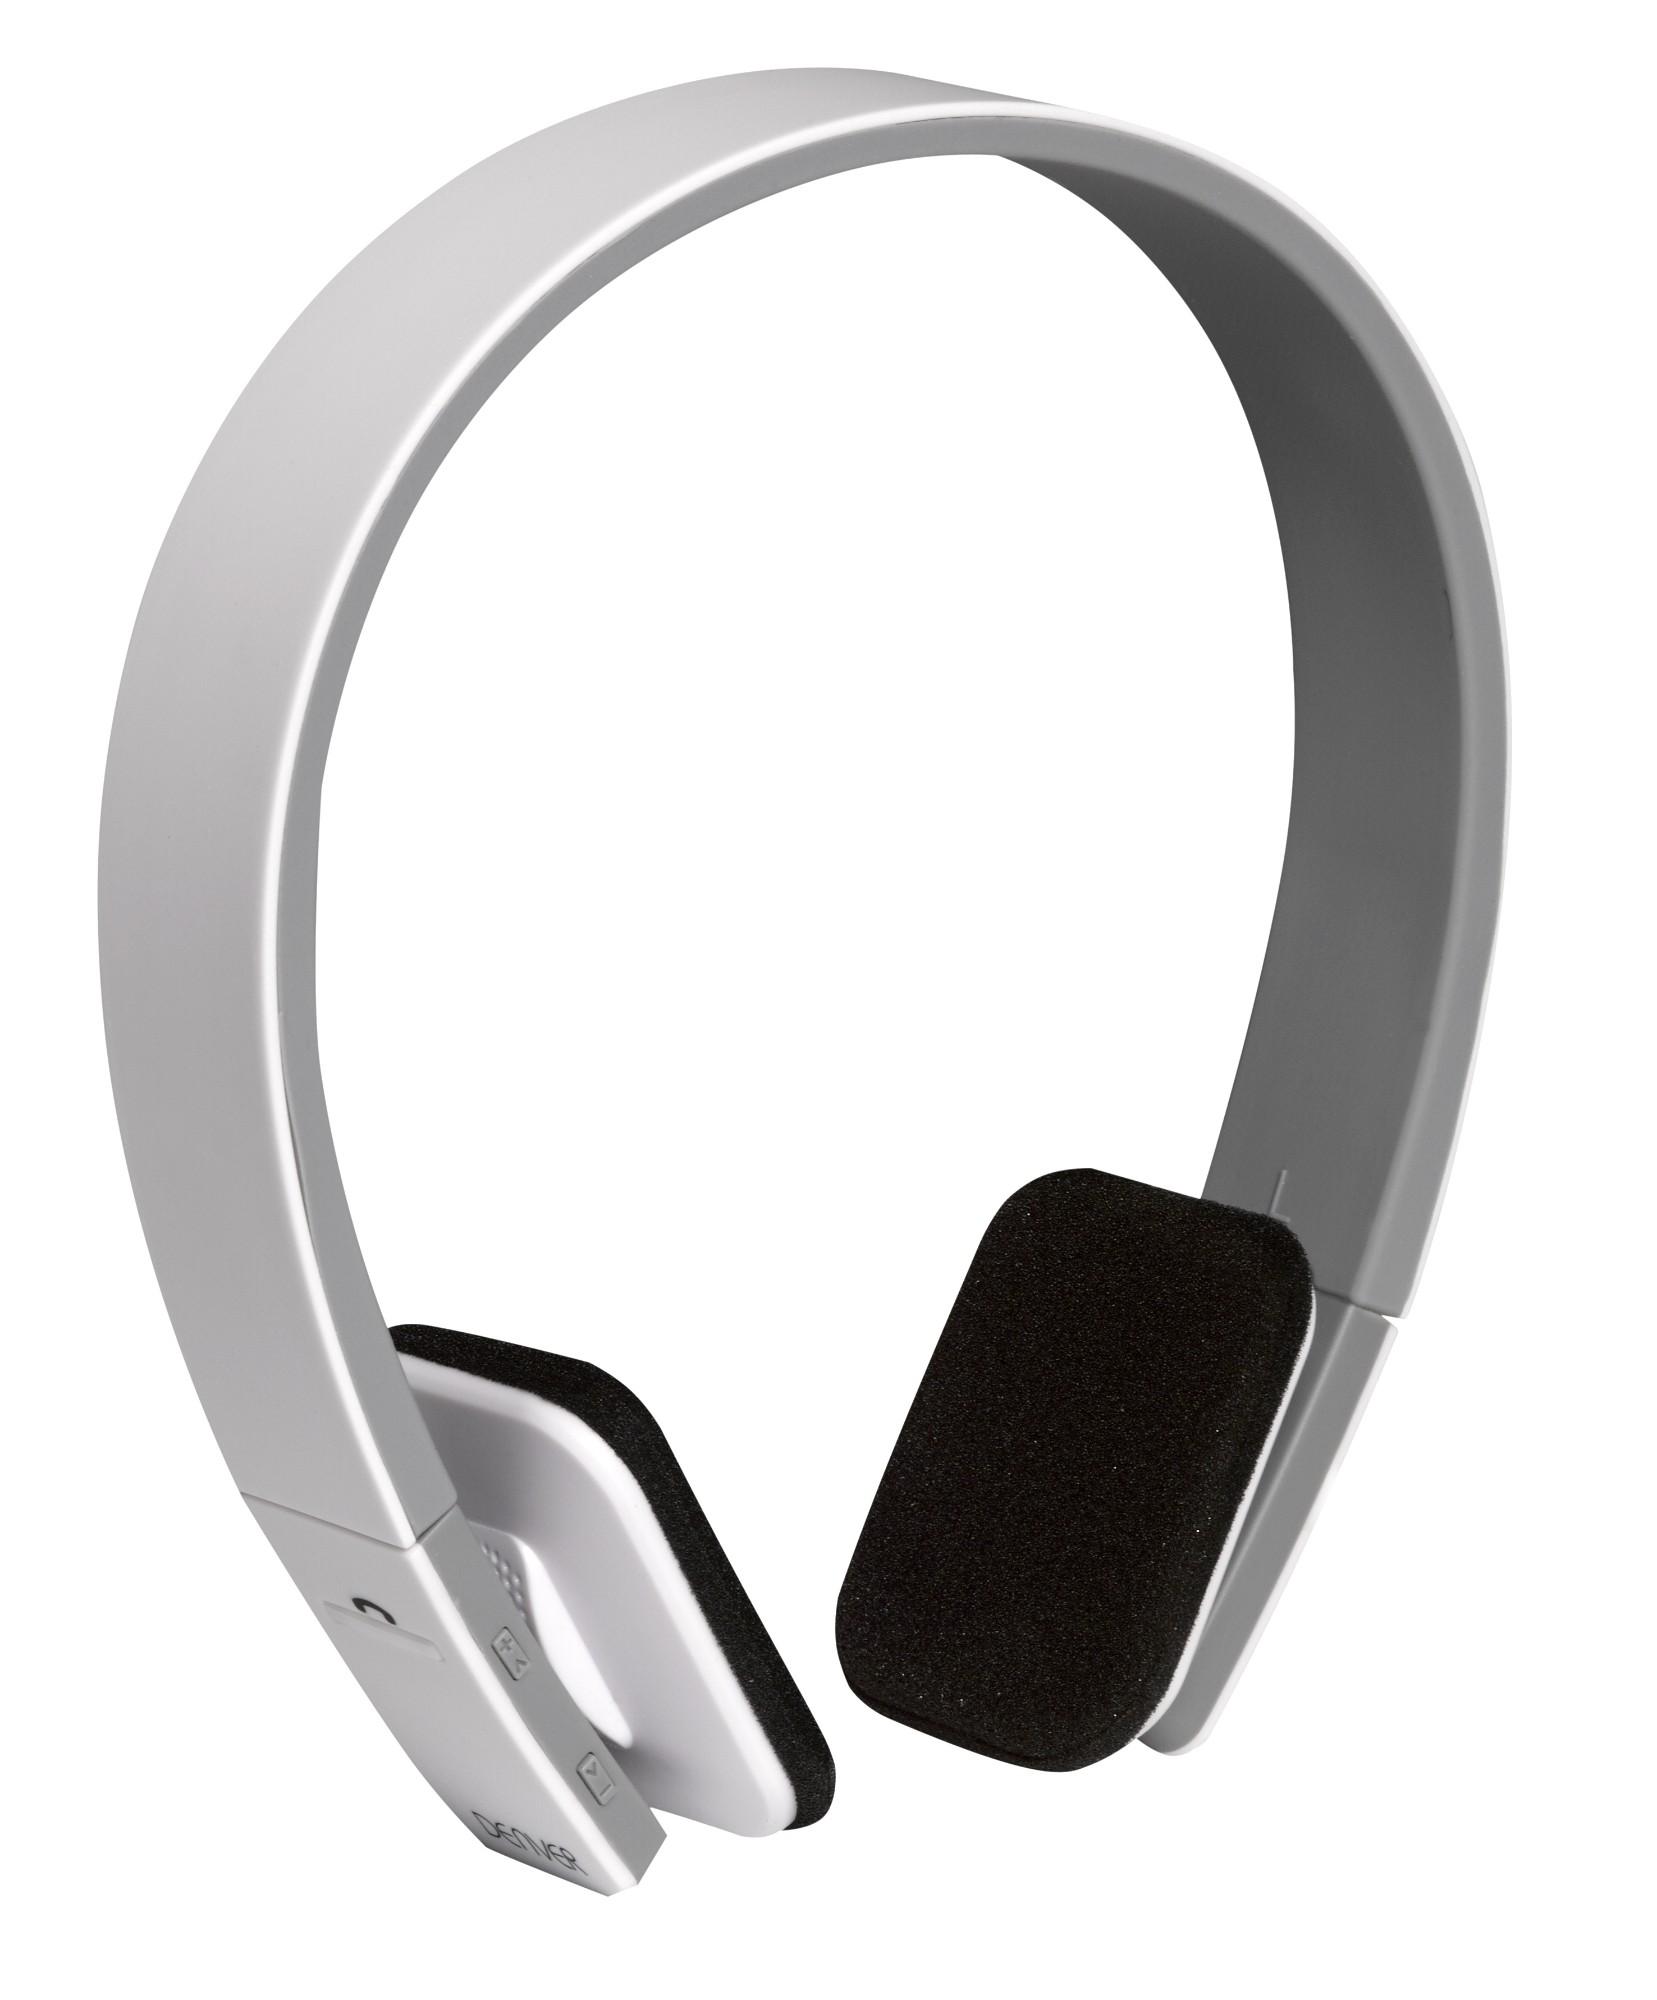 Denver BTH-204WHITE Headset Head-band White